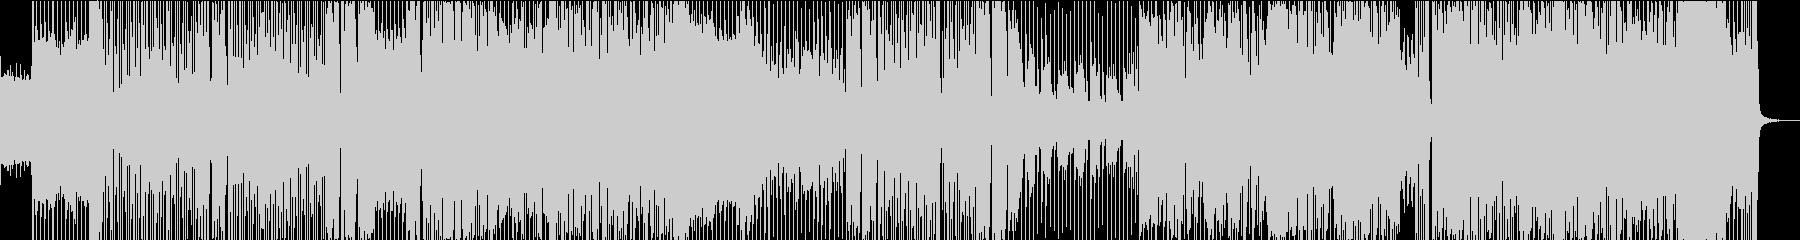 ラストダンスラストの未再生の波形